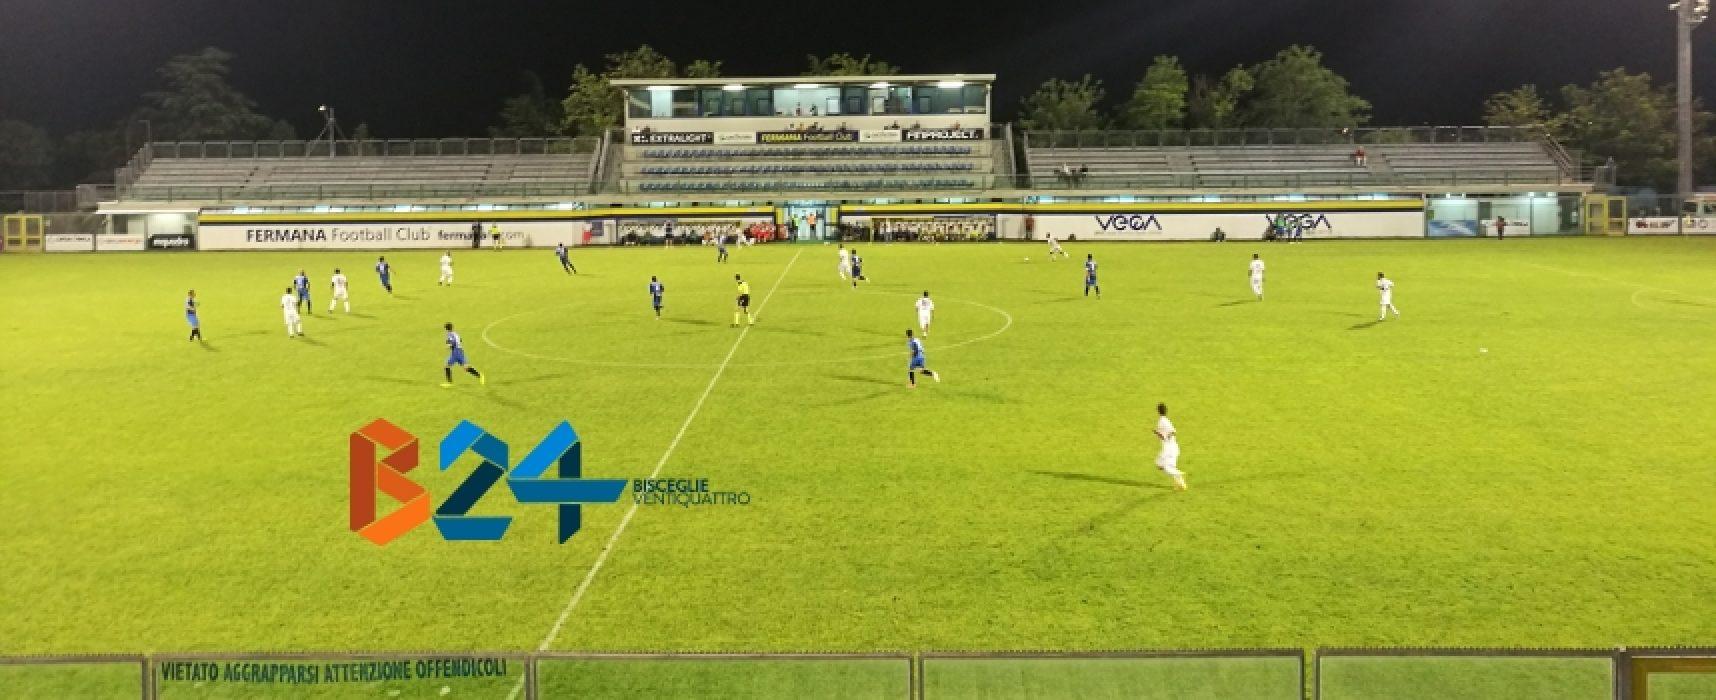 Poule Scudetto Serie D: Bisceglie beffato ai rigori dal Ravenna